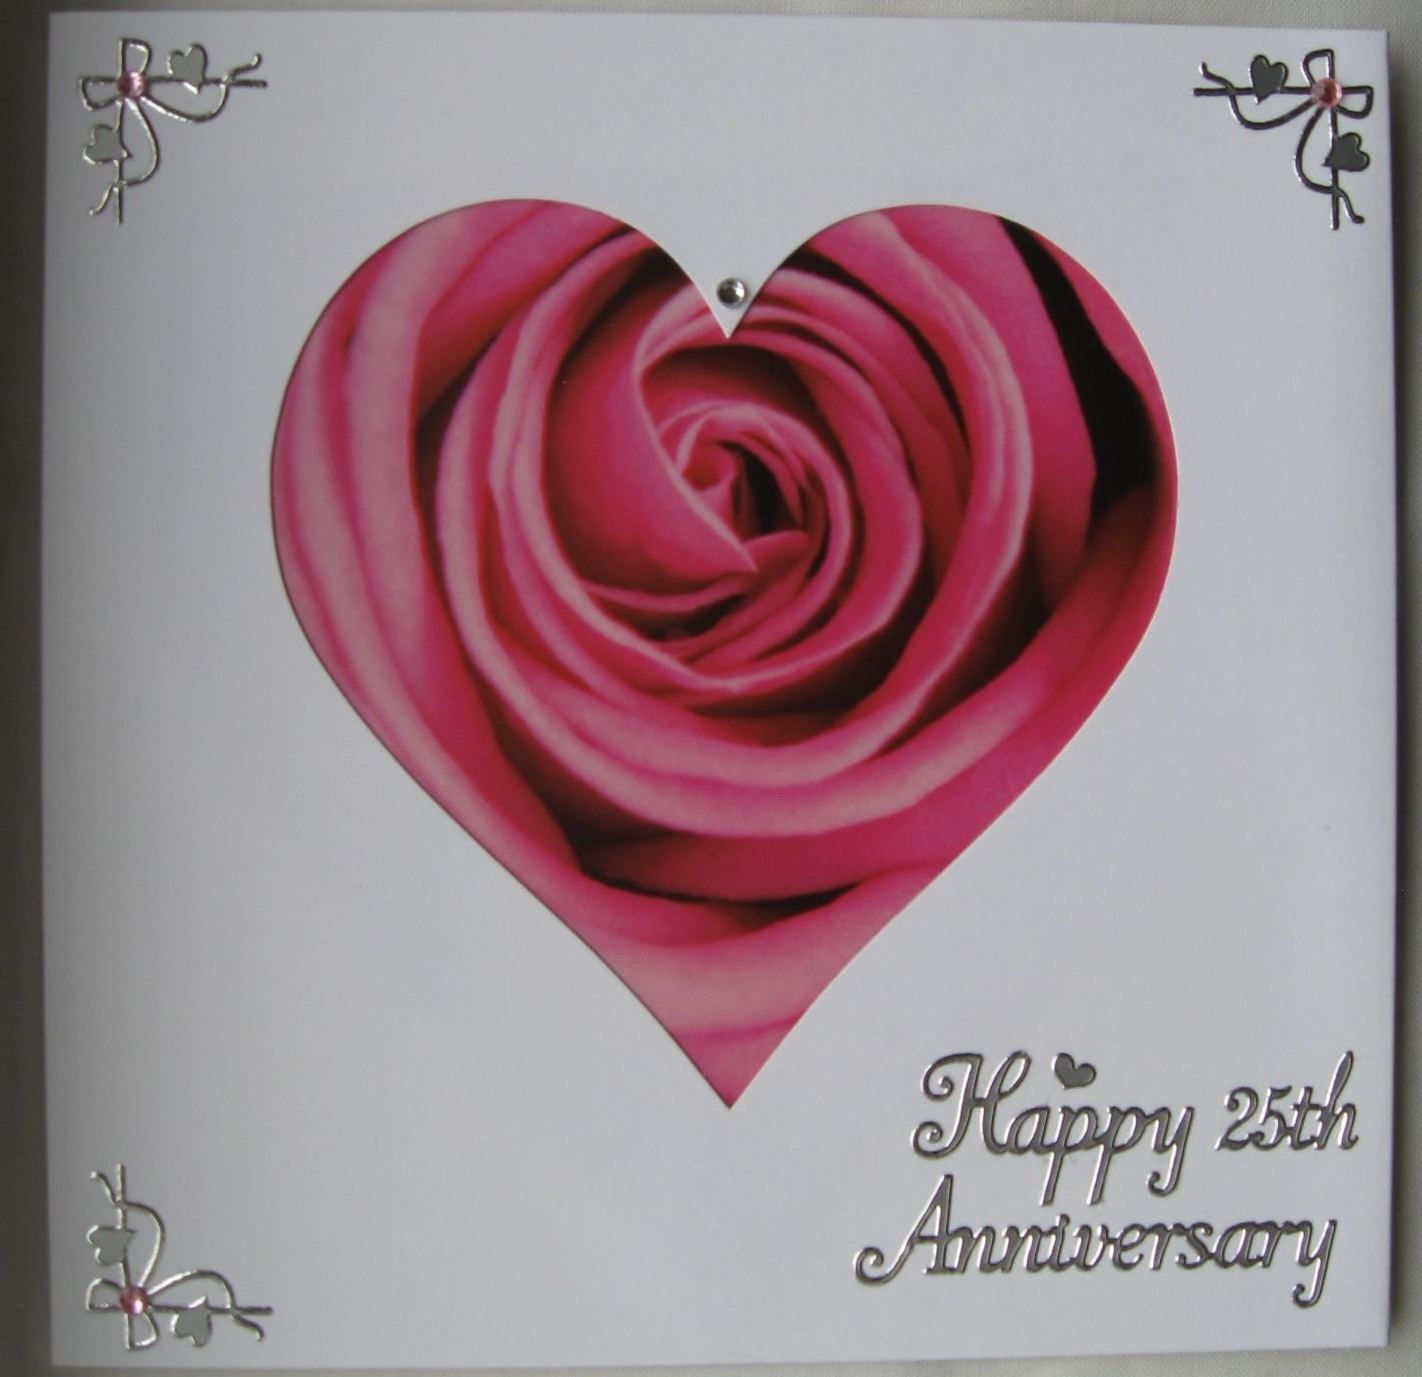 Pink heart anniversary